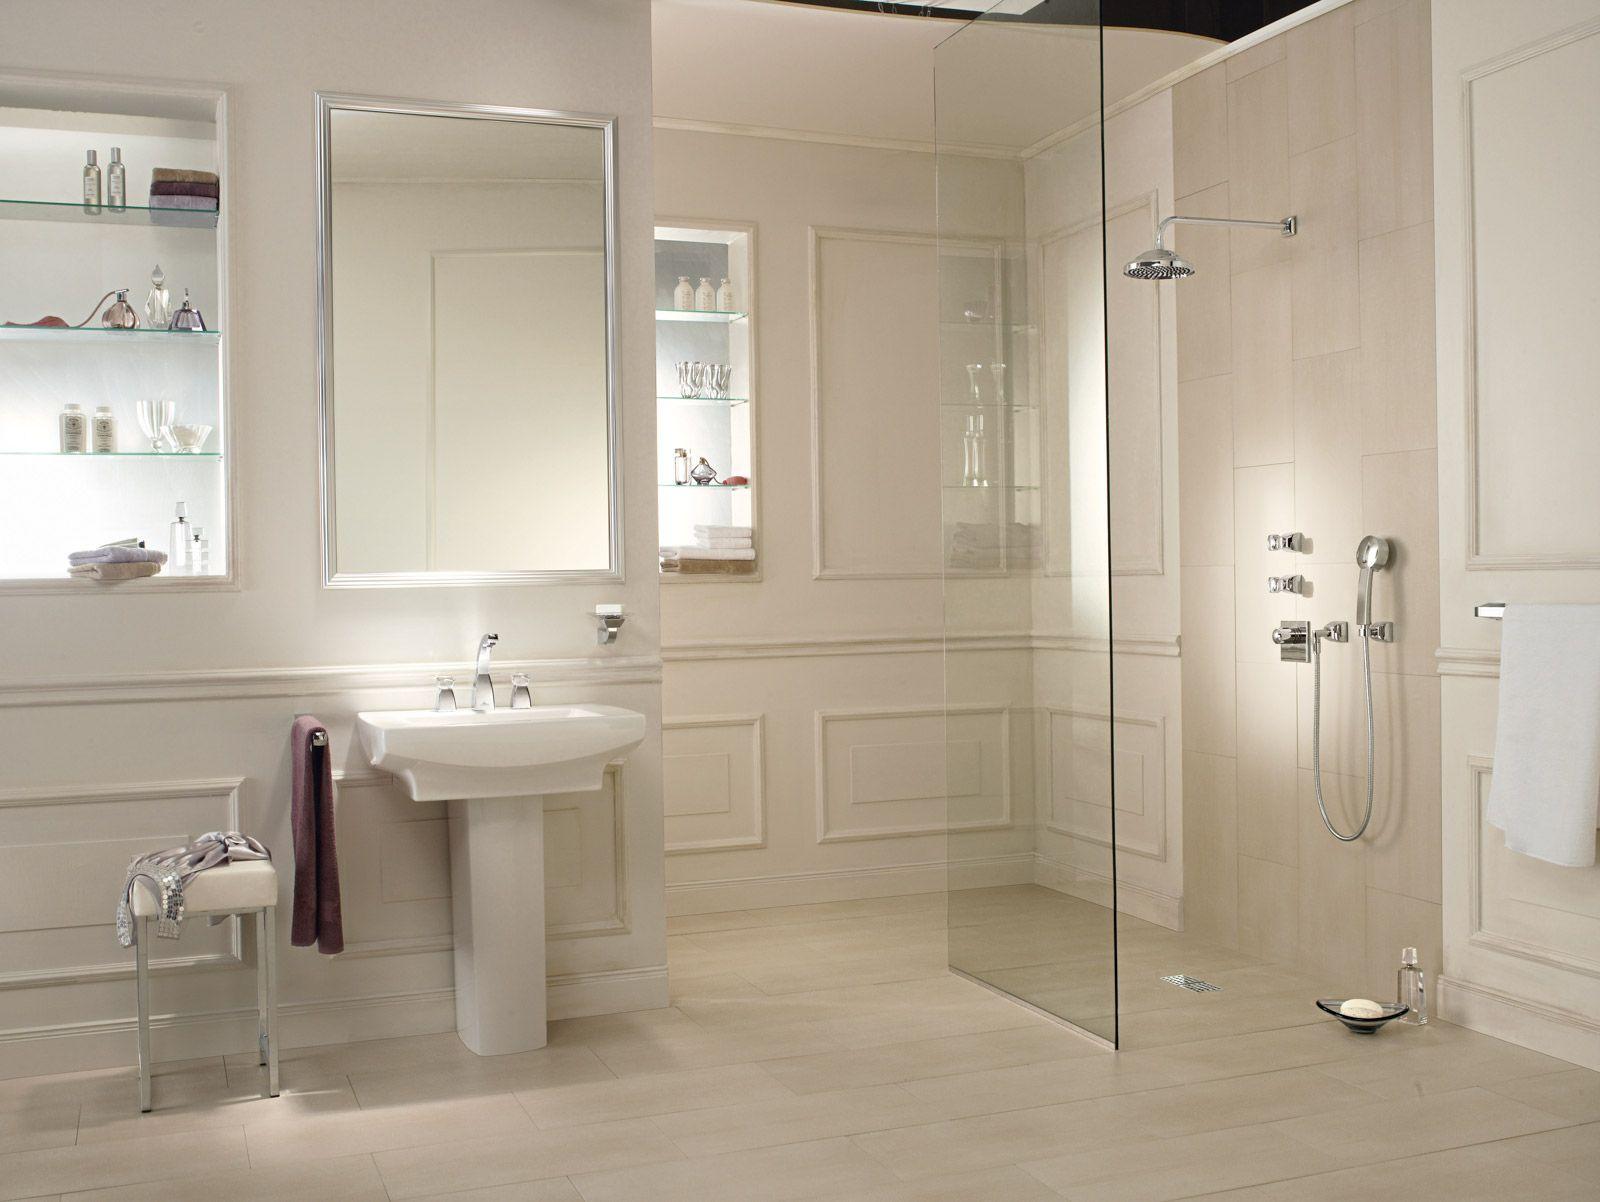 Klassieke badkamer met inloopdouche | Klassieke badkamers | Pinterest